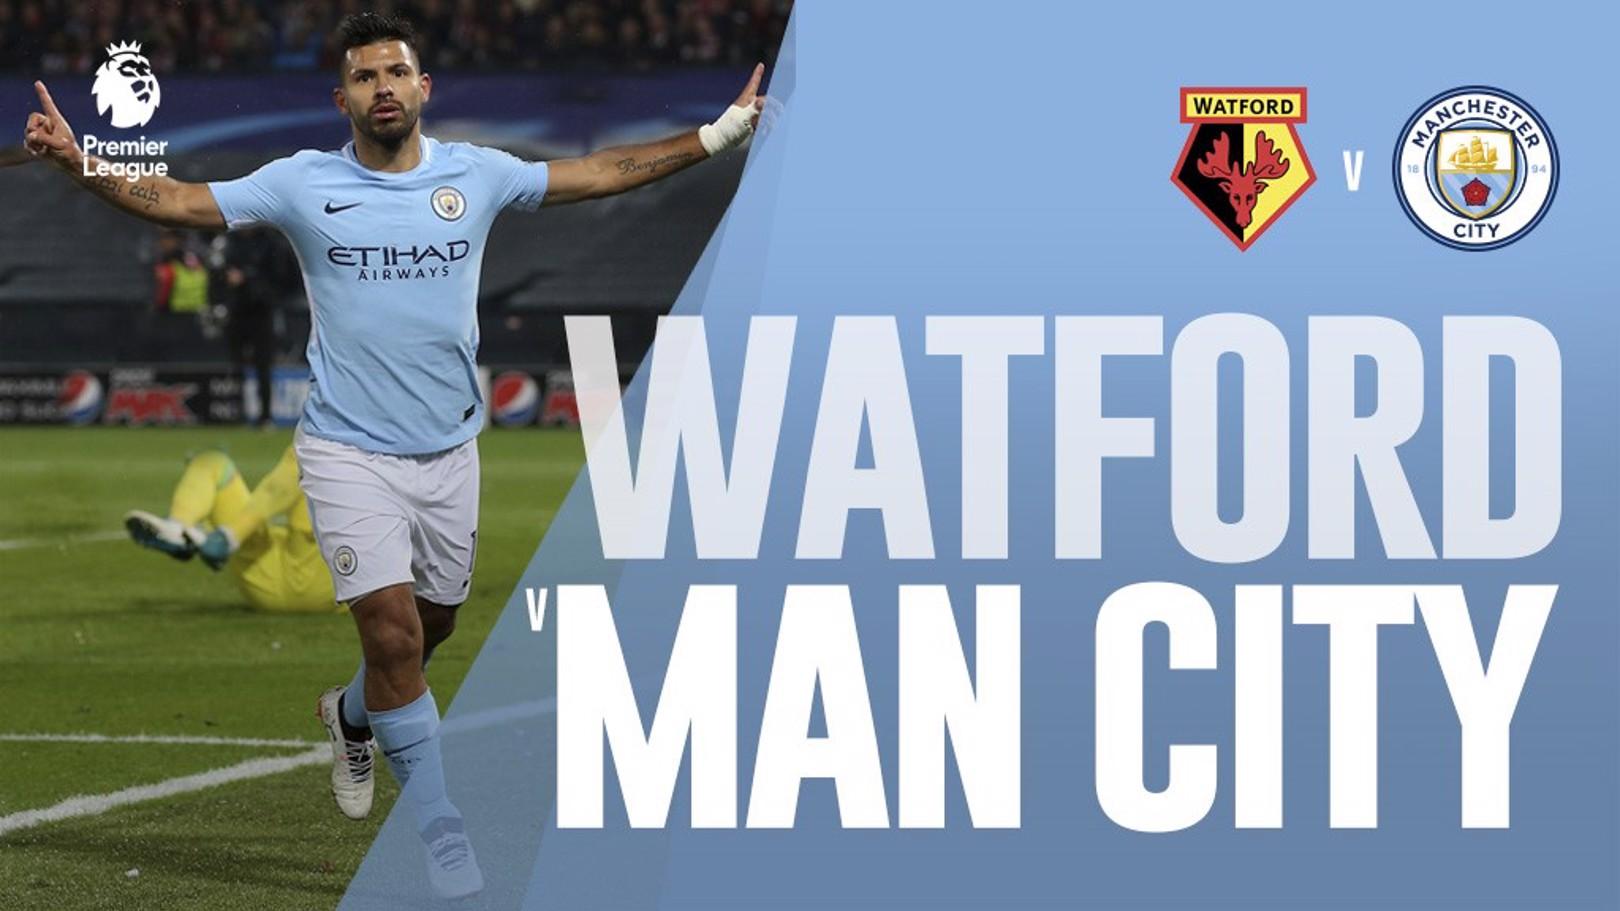 Watford - City: en directo